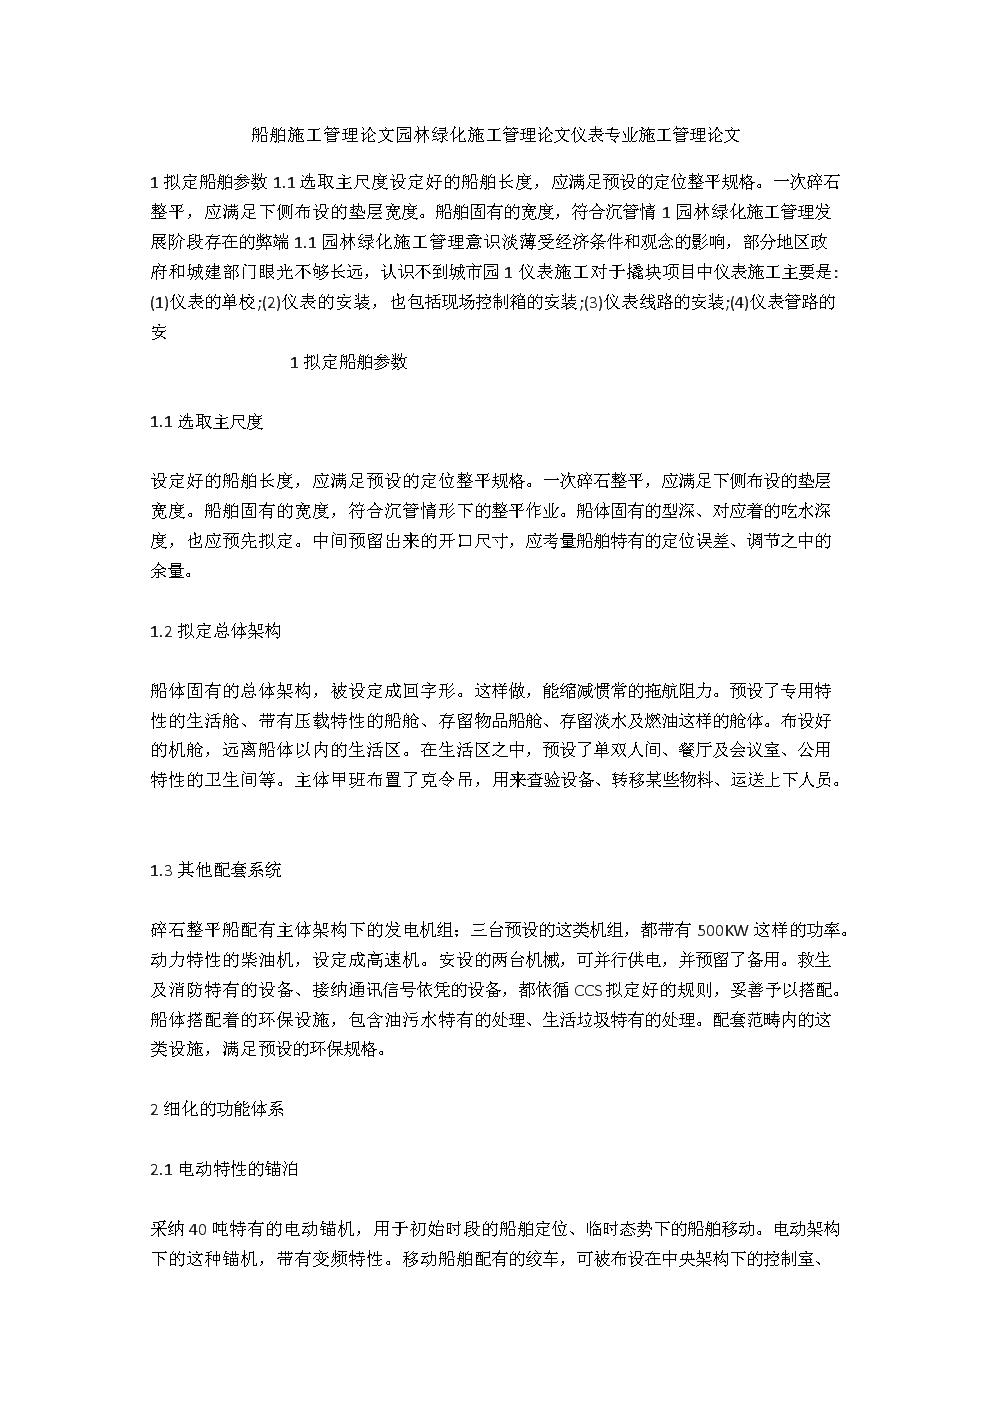 施工管理论文船舶园林绿化仪表专业.docx